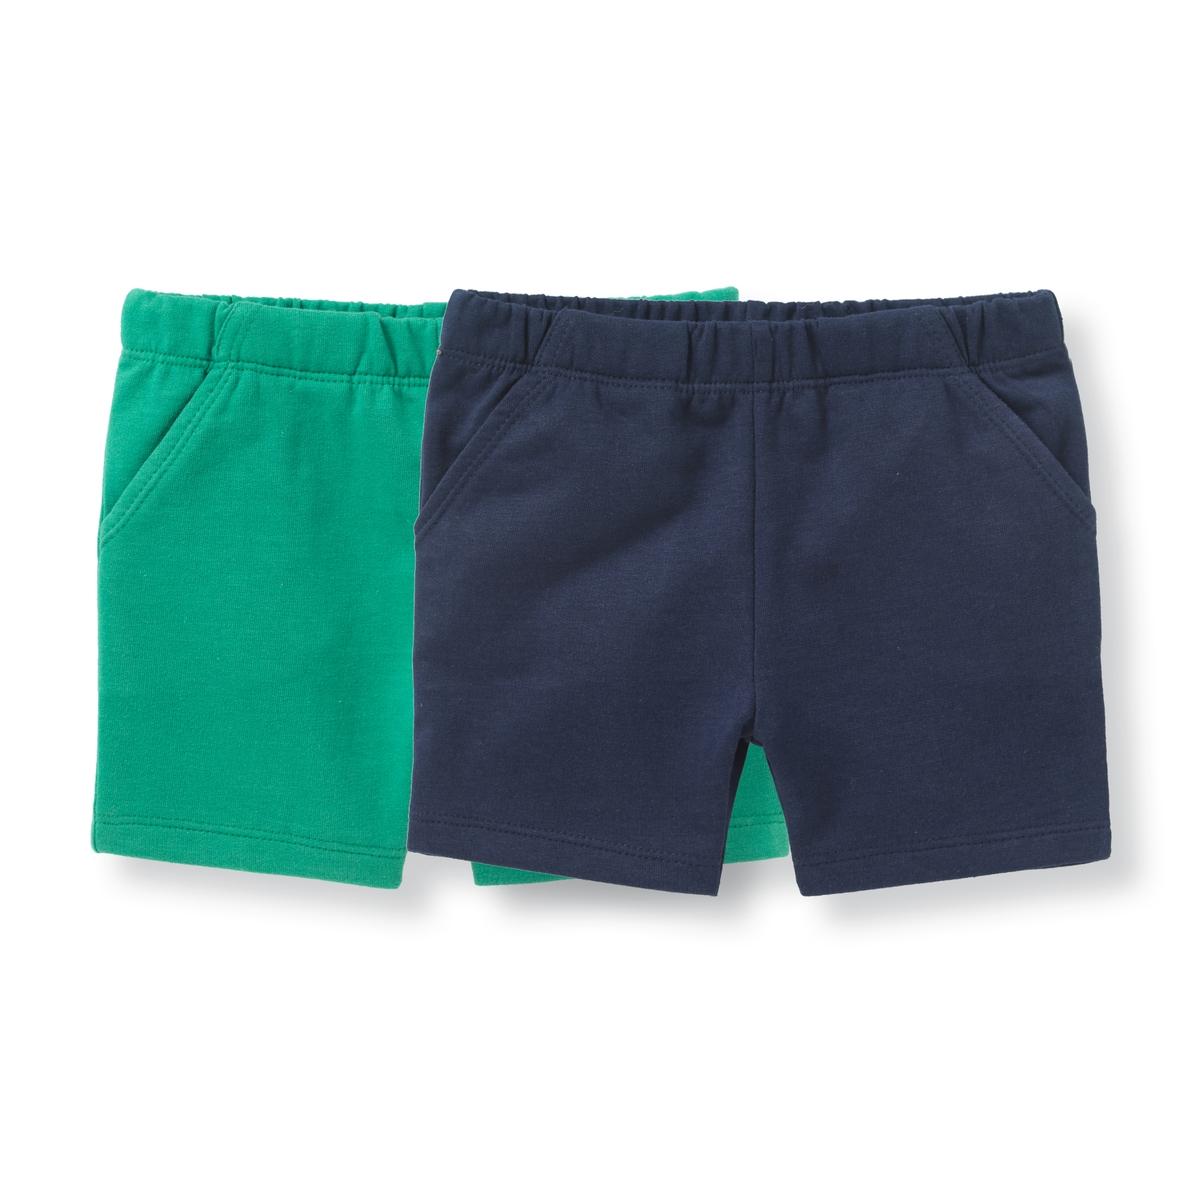 Комплект из 2 шорт из мольтона, 1 мес. - 3 года брюки спортивные из мольтона 1 мес 3 года